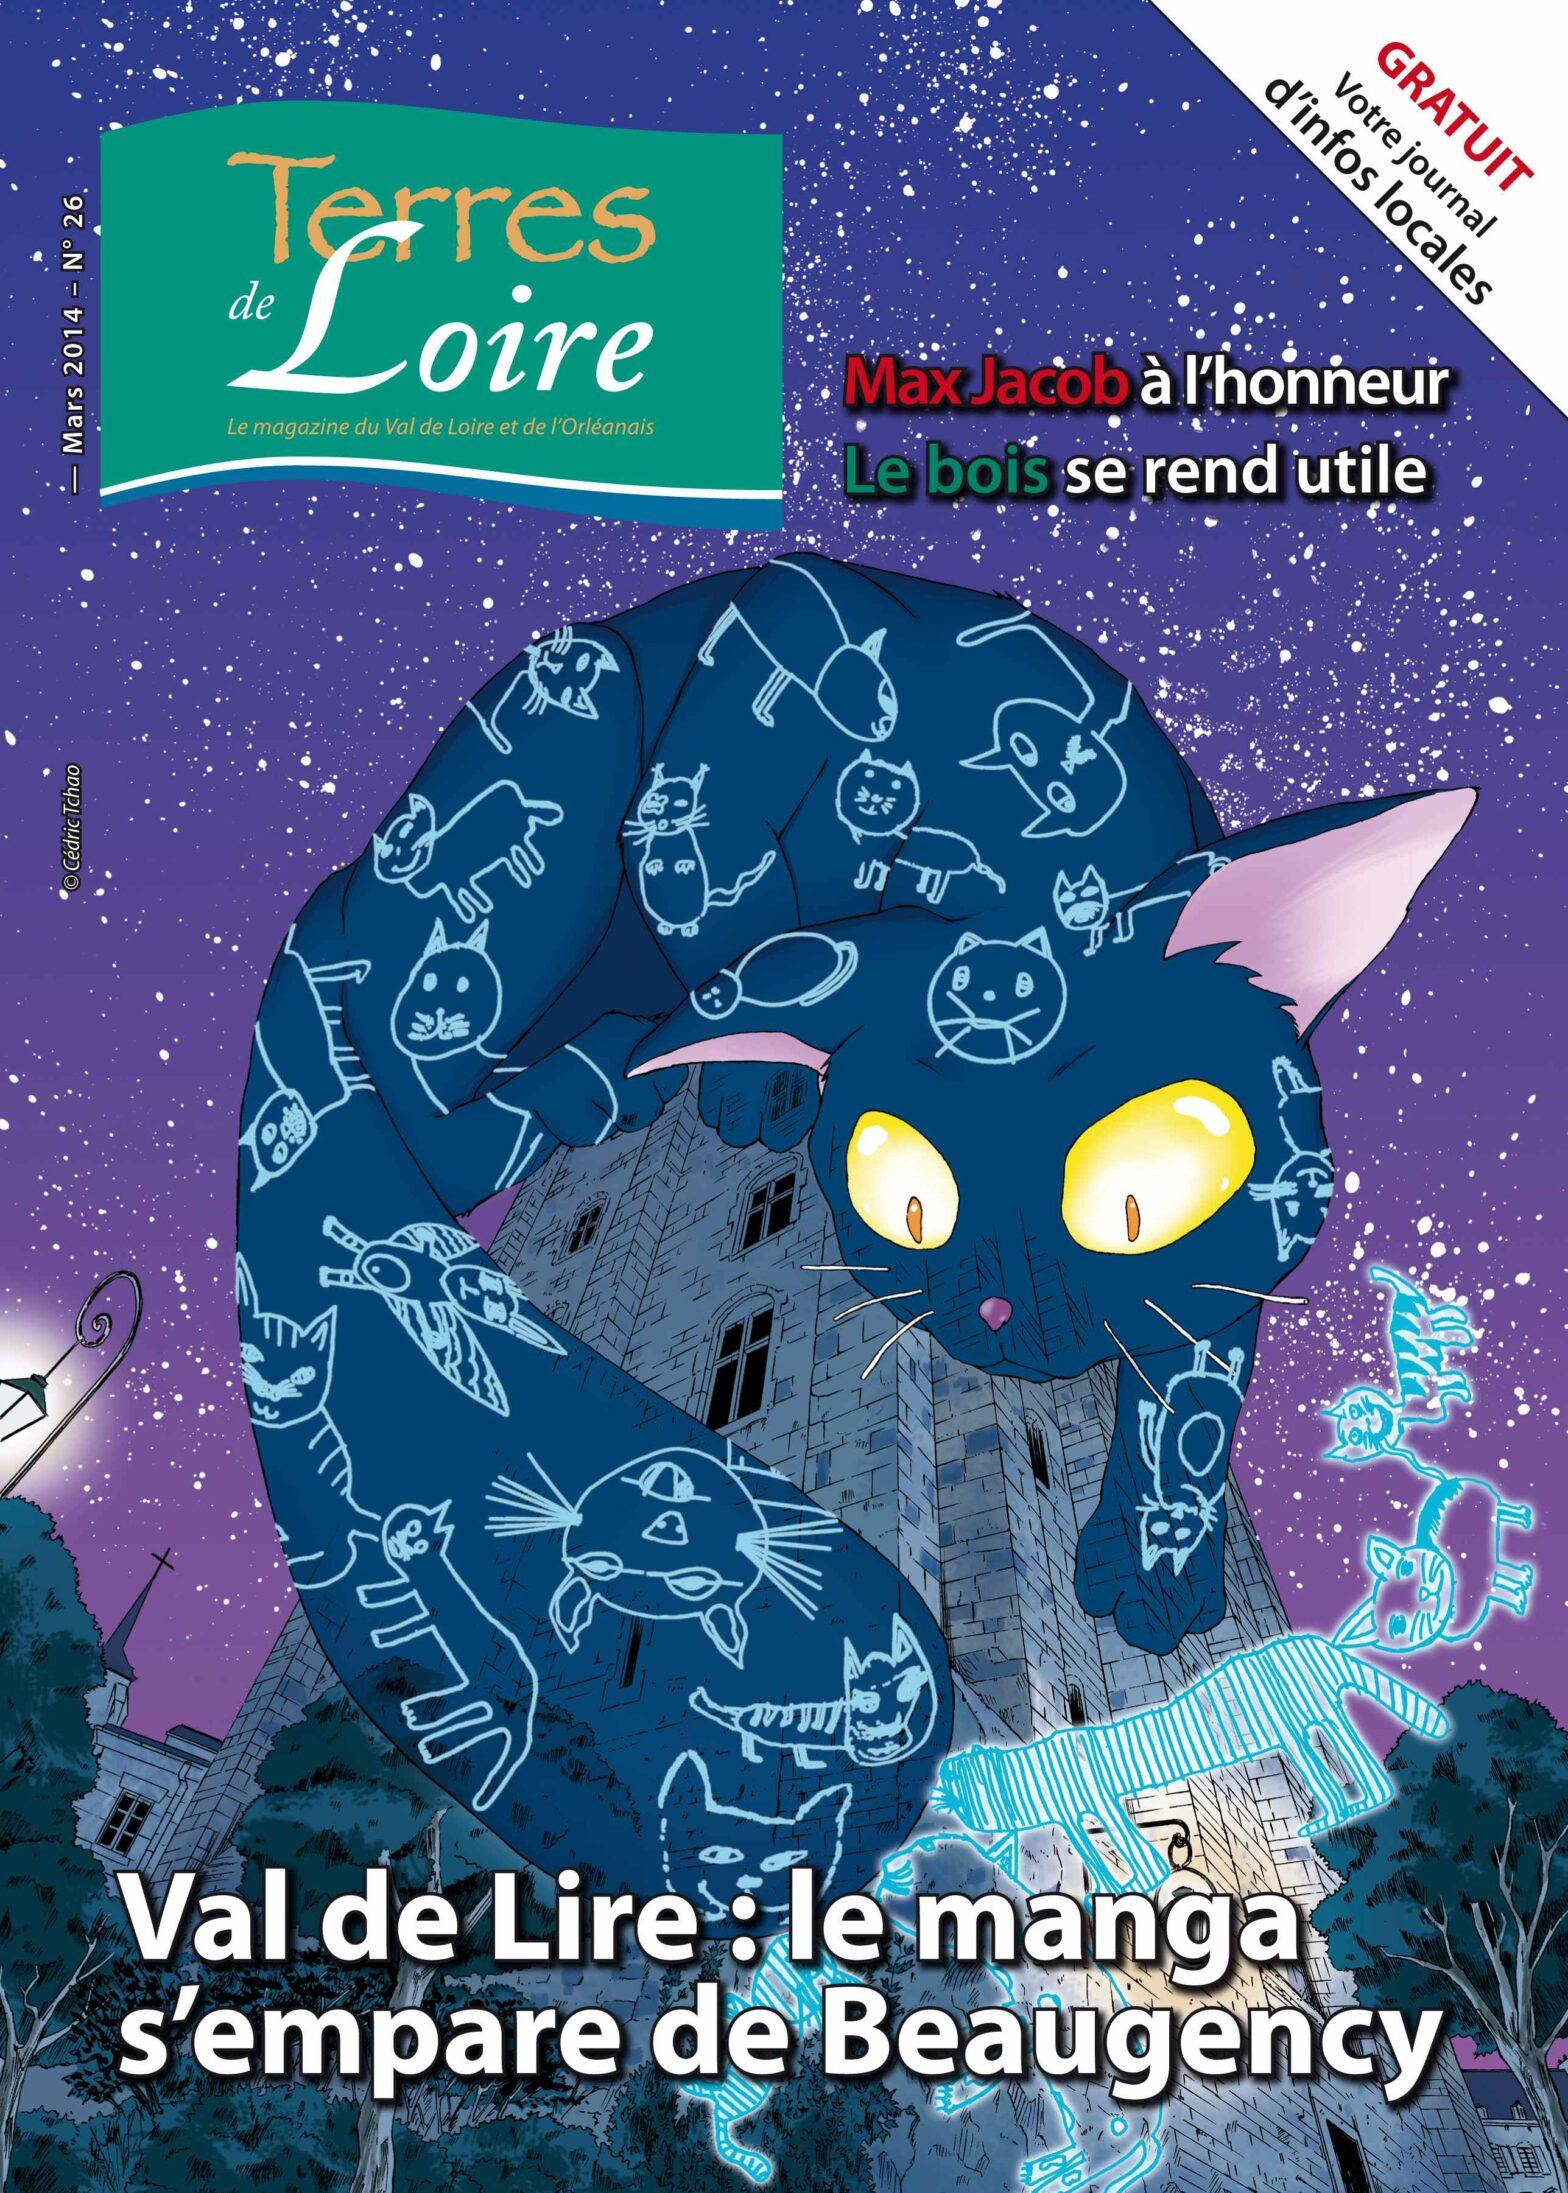 Une couverture de magazine réalisée par Cédric Tchao et les élèves